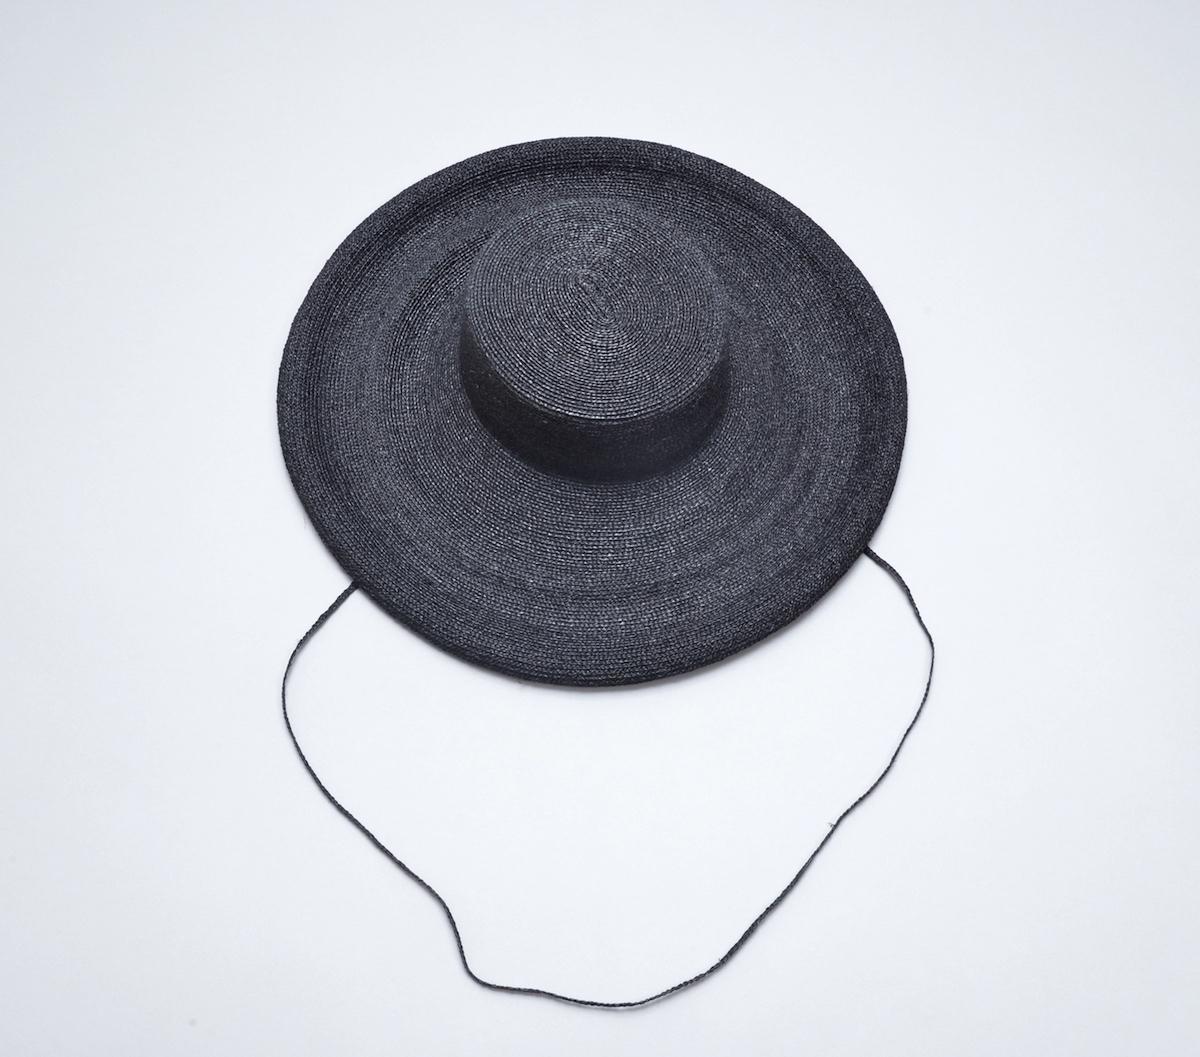 凹凸 -bocodeco- 「 Raffia Braid Roll-Up Brim Hat / BLK 」